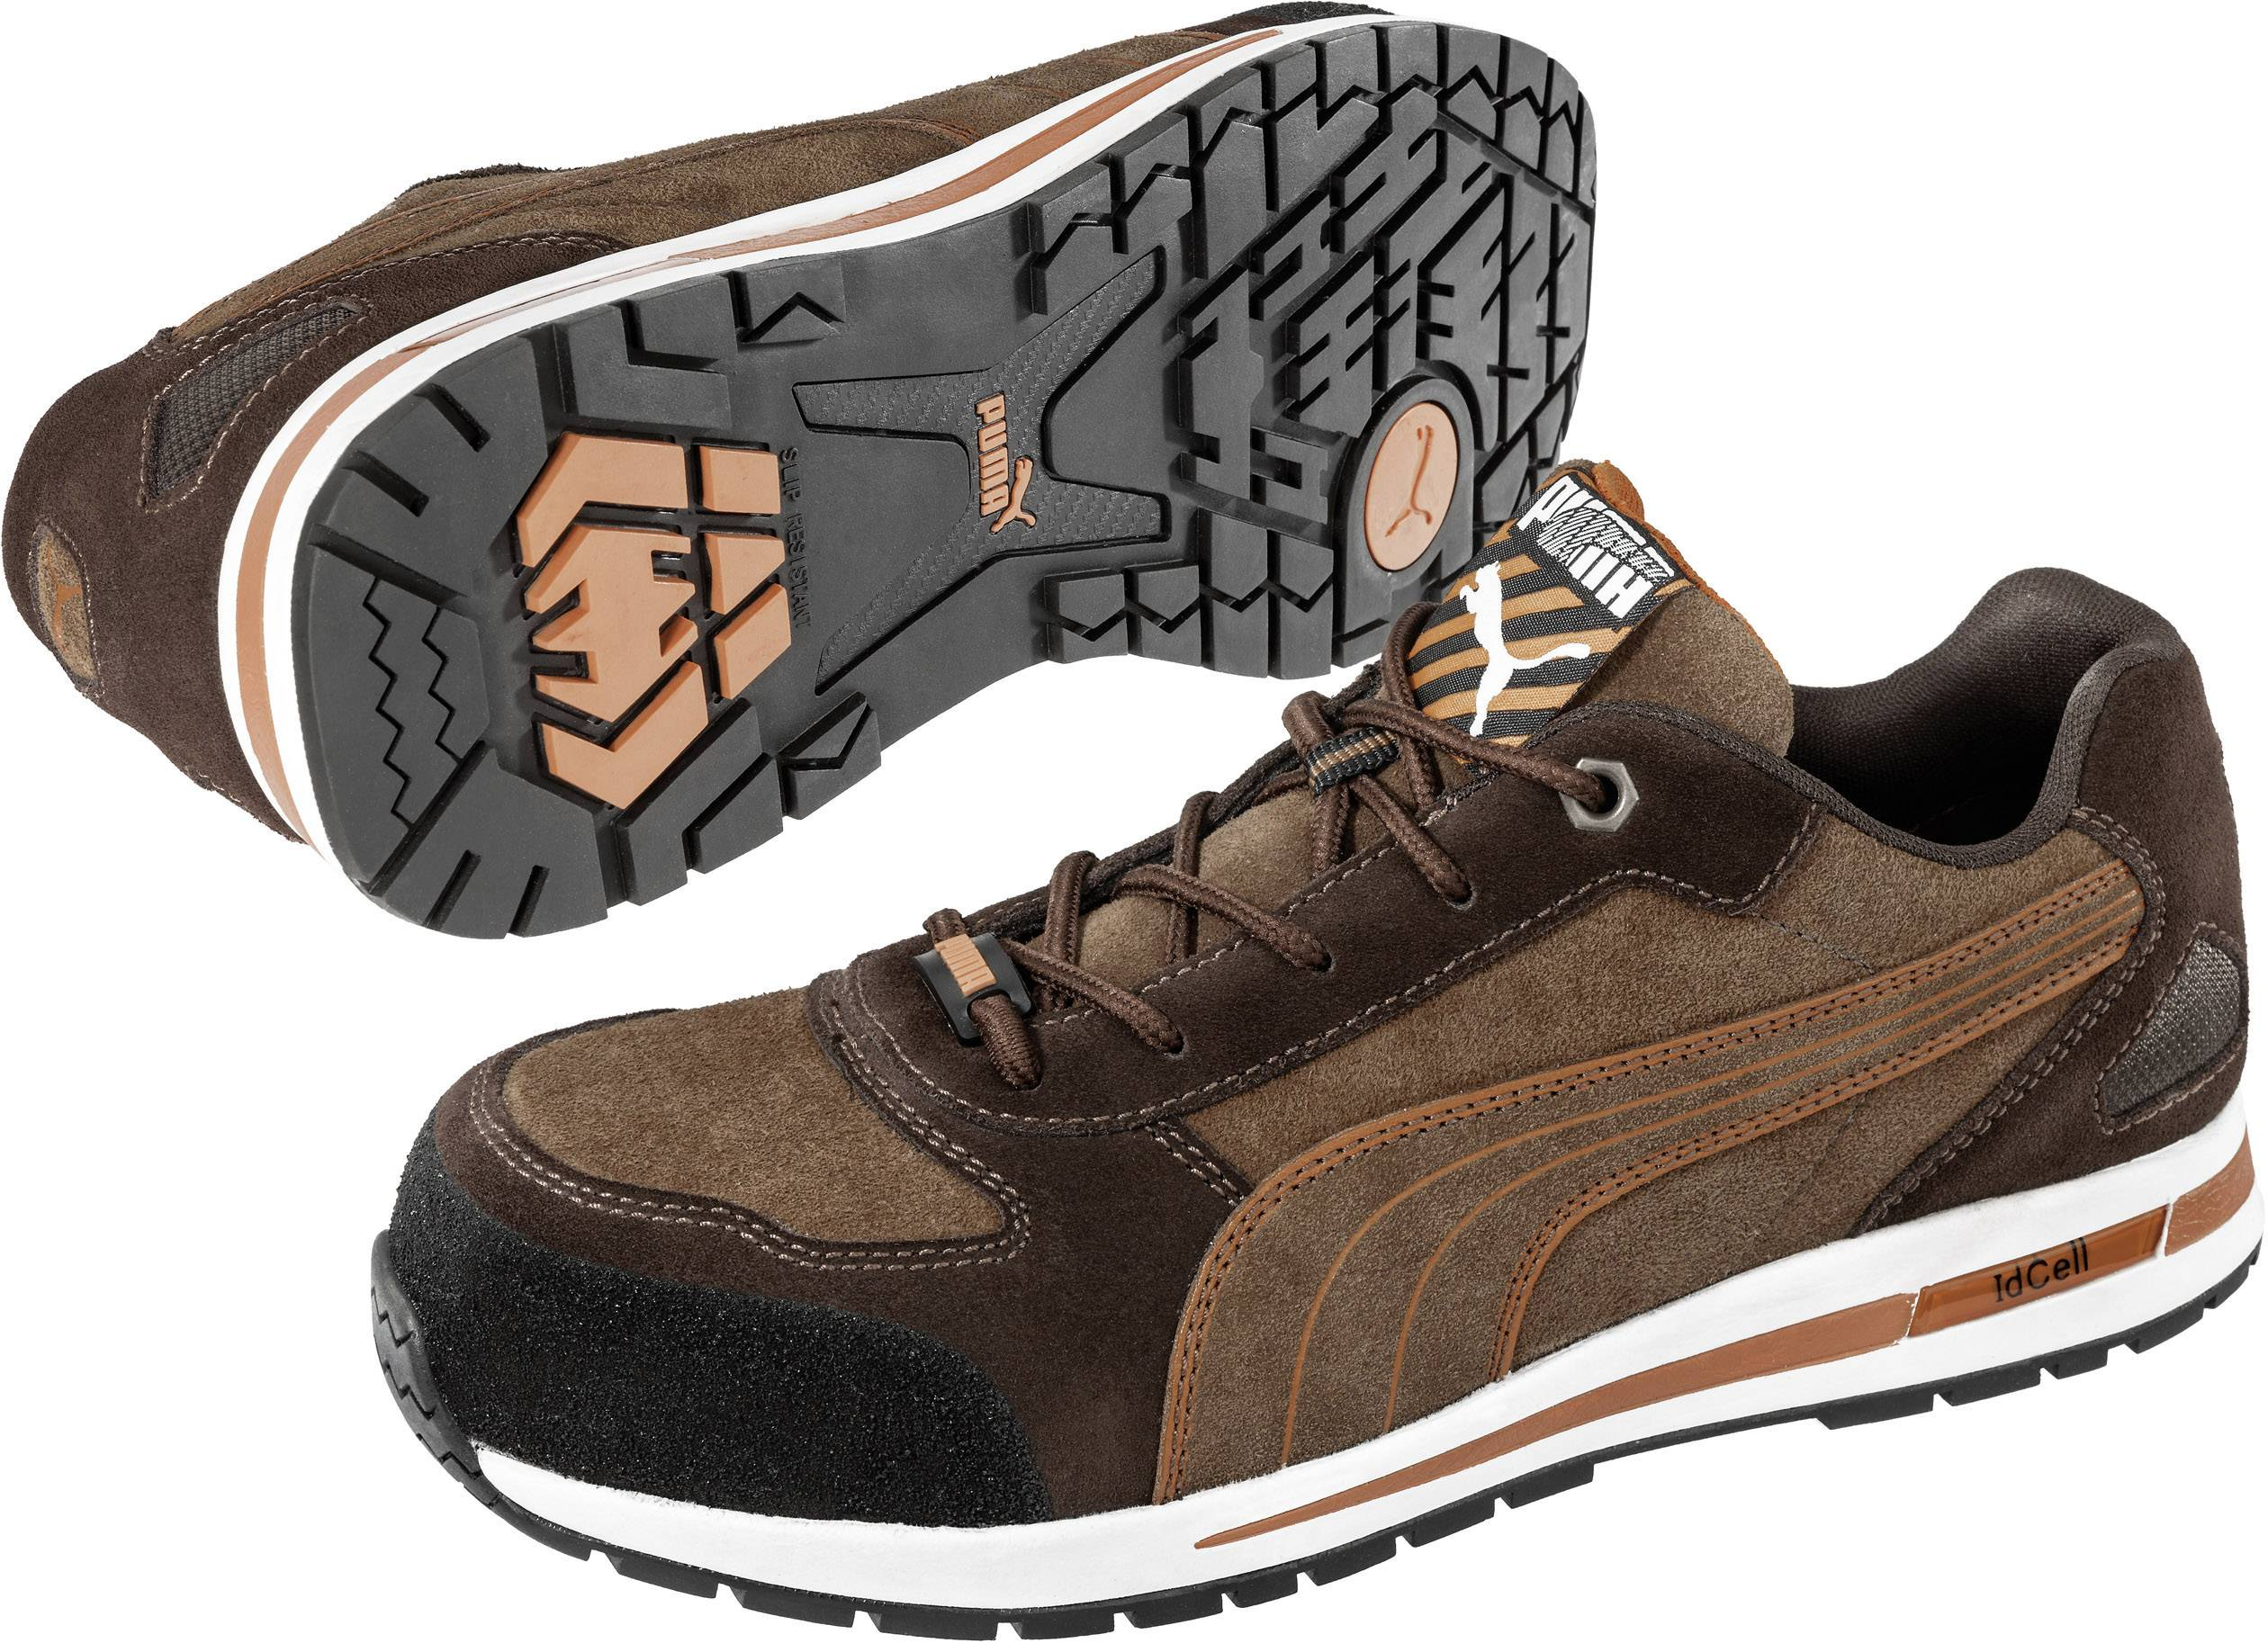 Sécurité 45 Barani Puma Safety De S1p Hro Chaussures Low Src 643010 vY6gy7bf